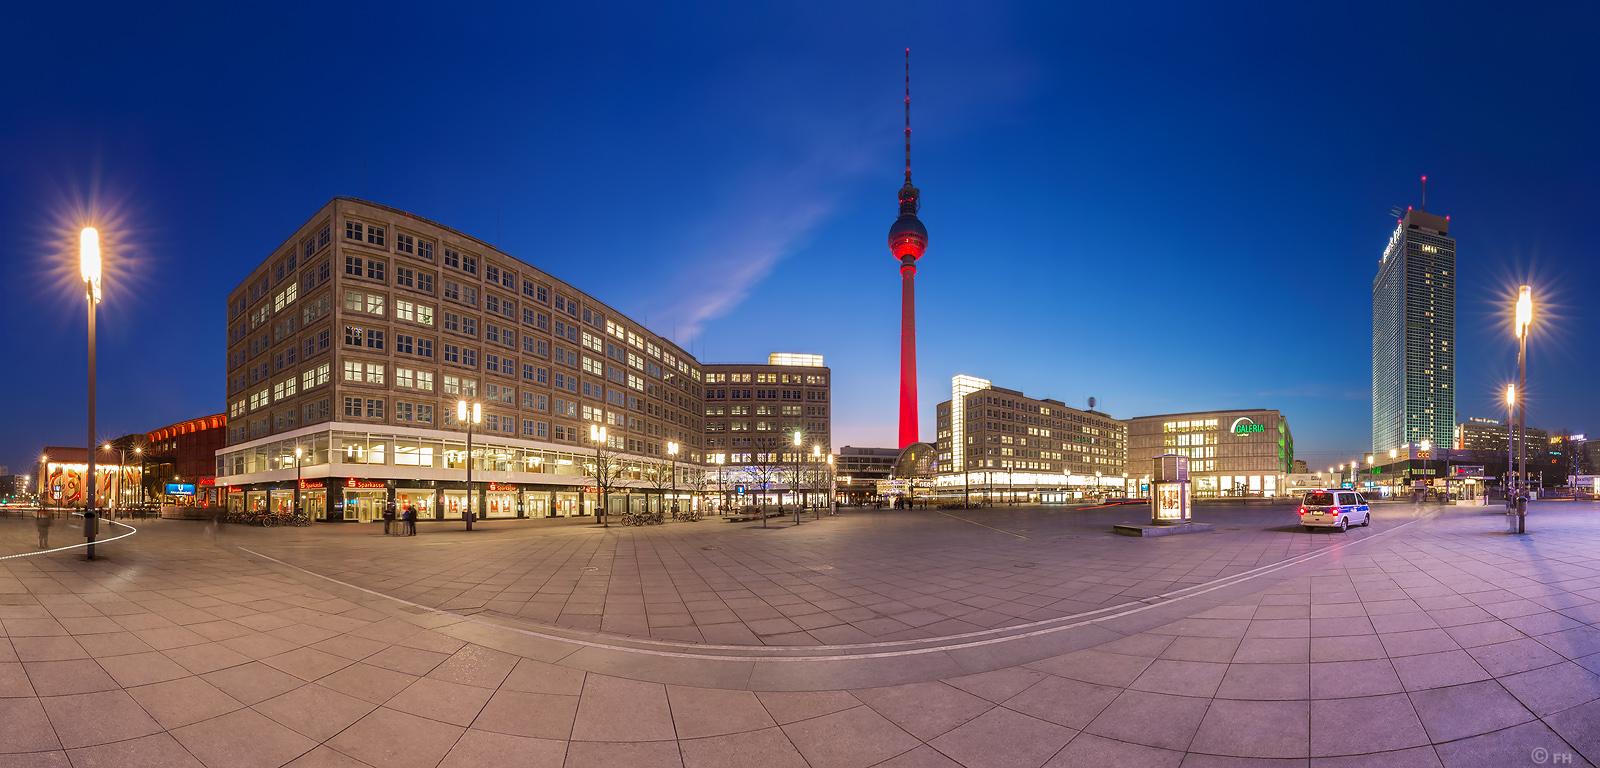 Alexanderplatz_2015_k_1